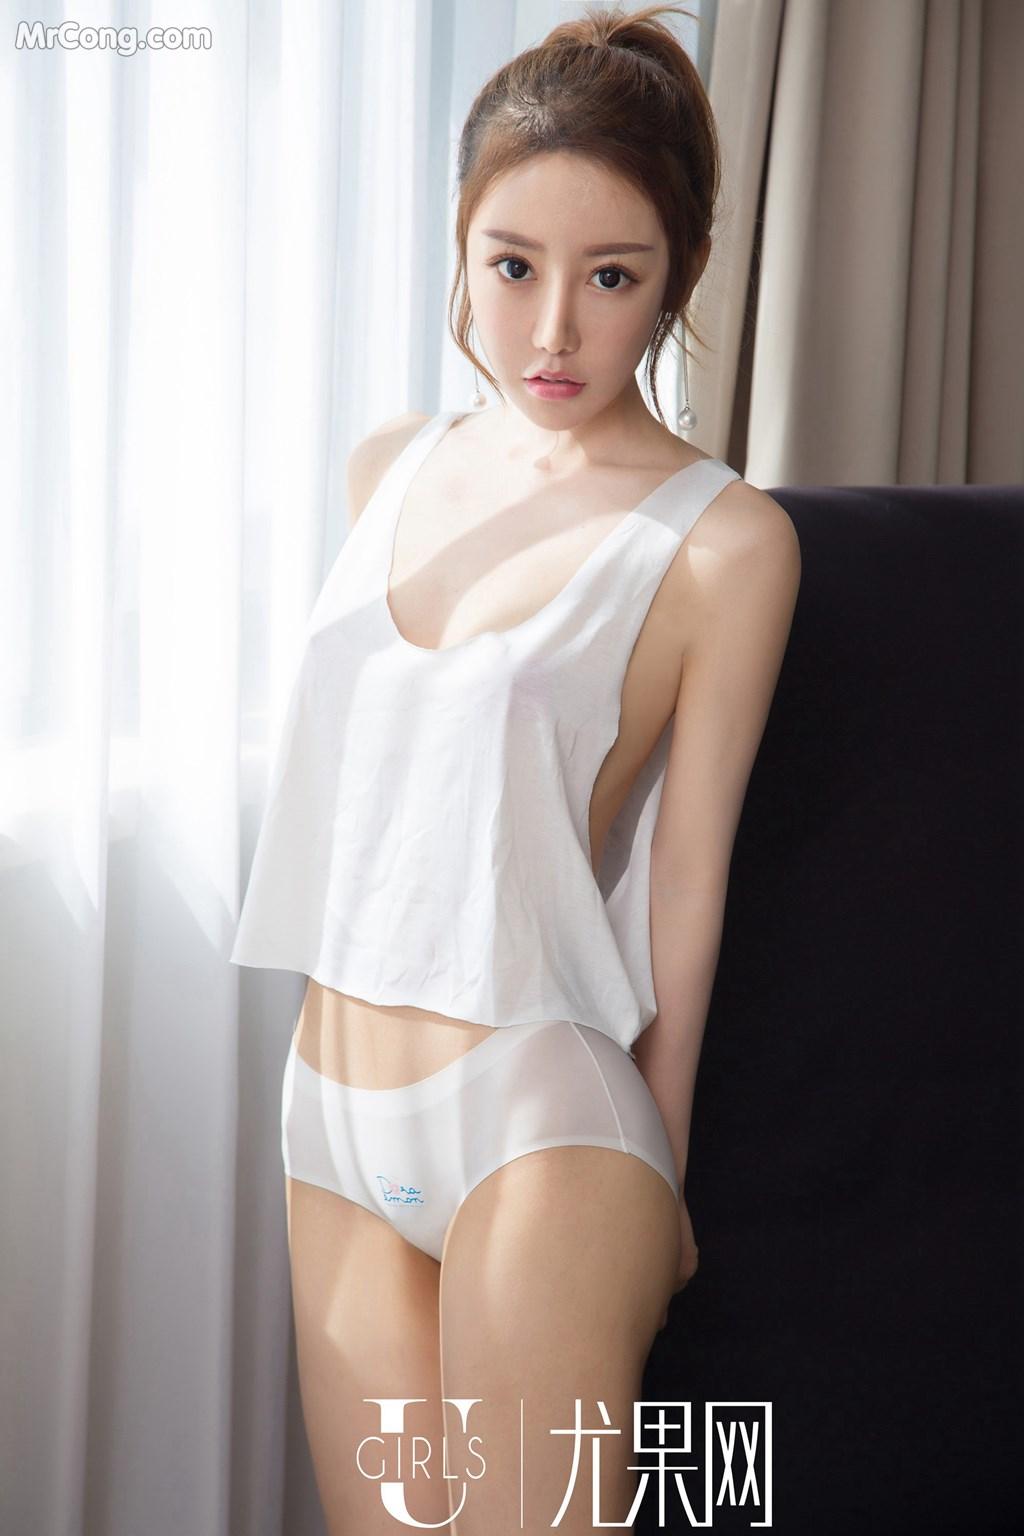 Image UGIRLS-U406-Xia-Yao-MrCong.com-010 in post UGIRLS U406: Người mẫu Xia Yao (夏瑶) (66 ảnh)